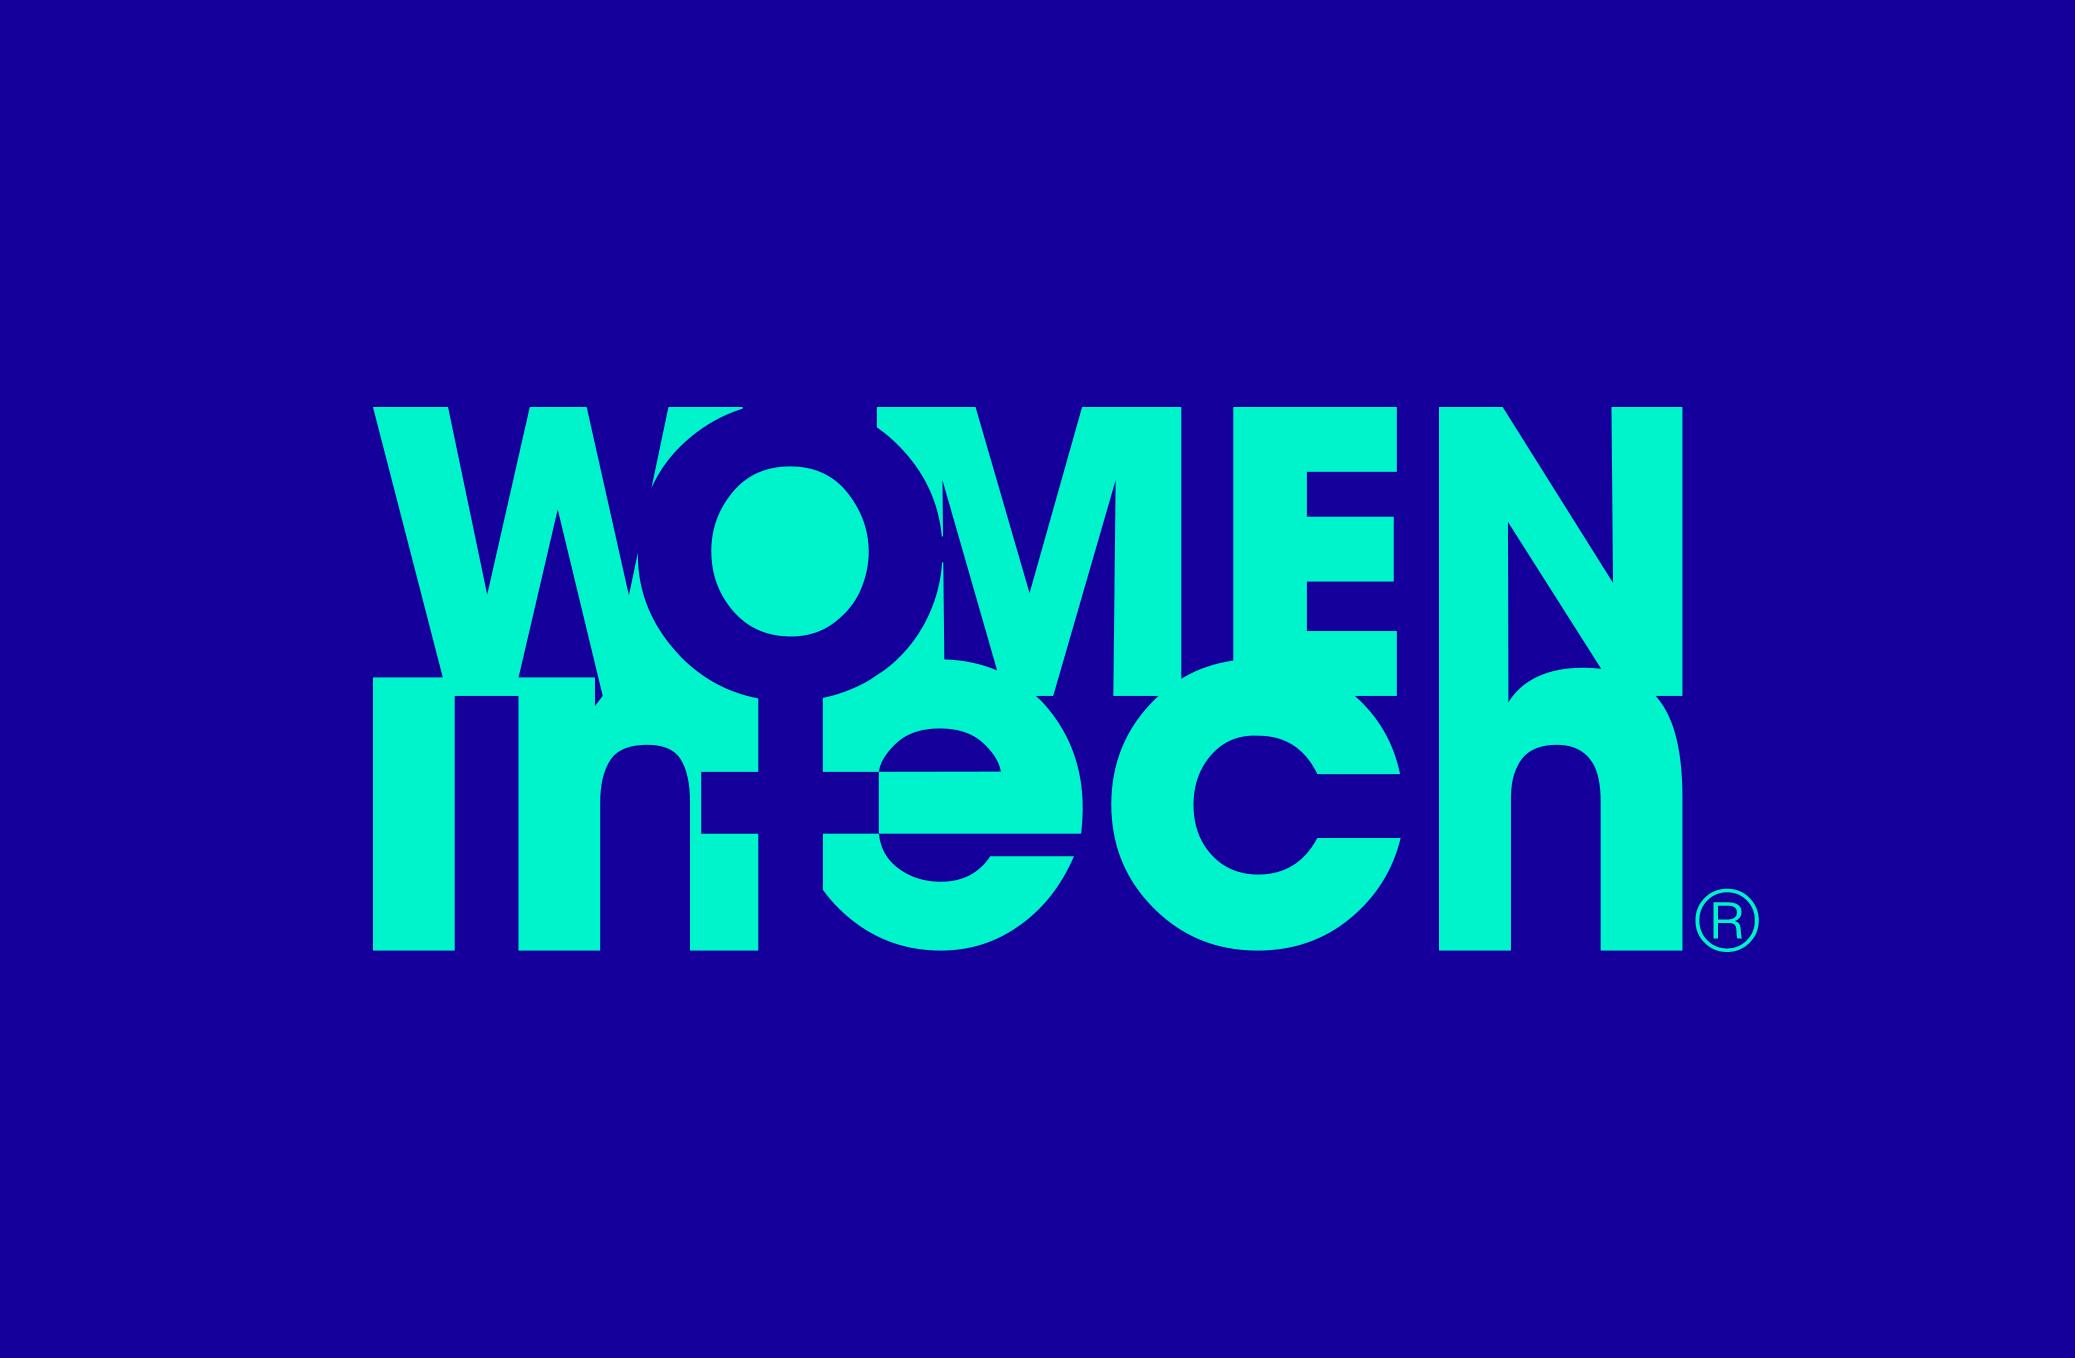 Womenintech